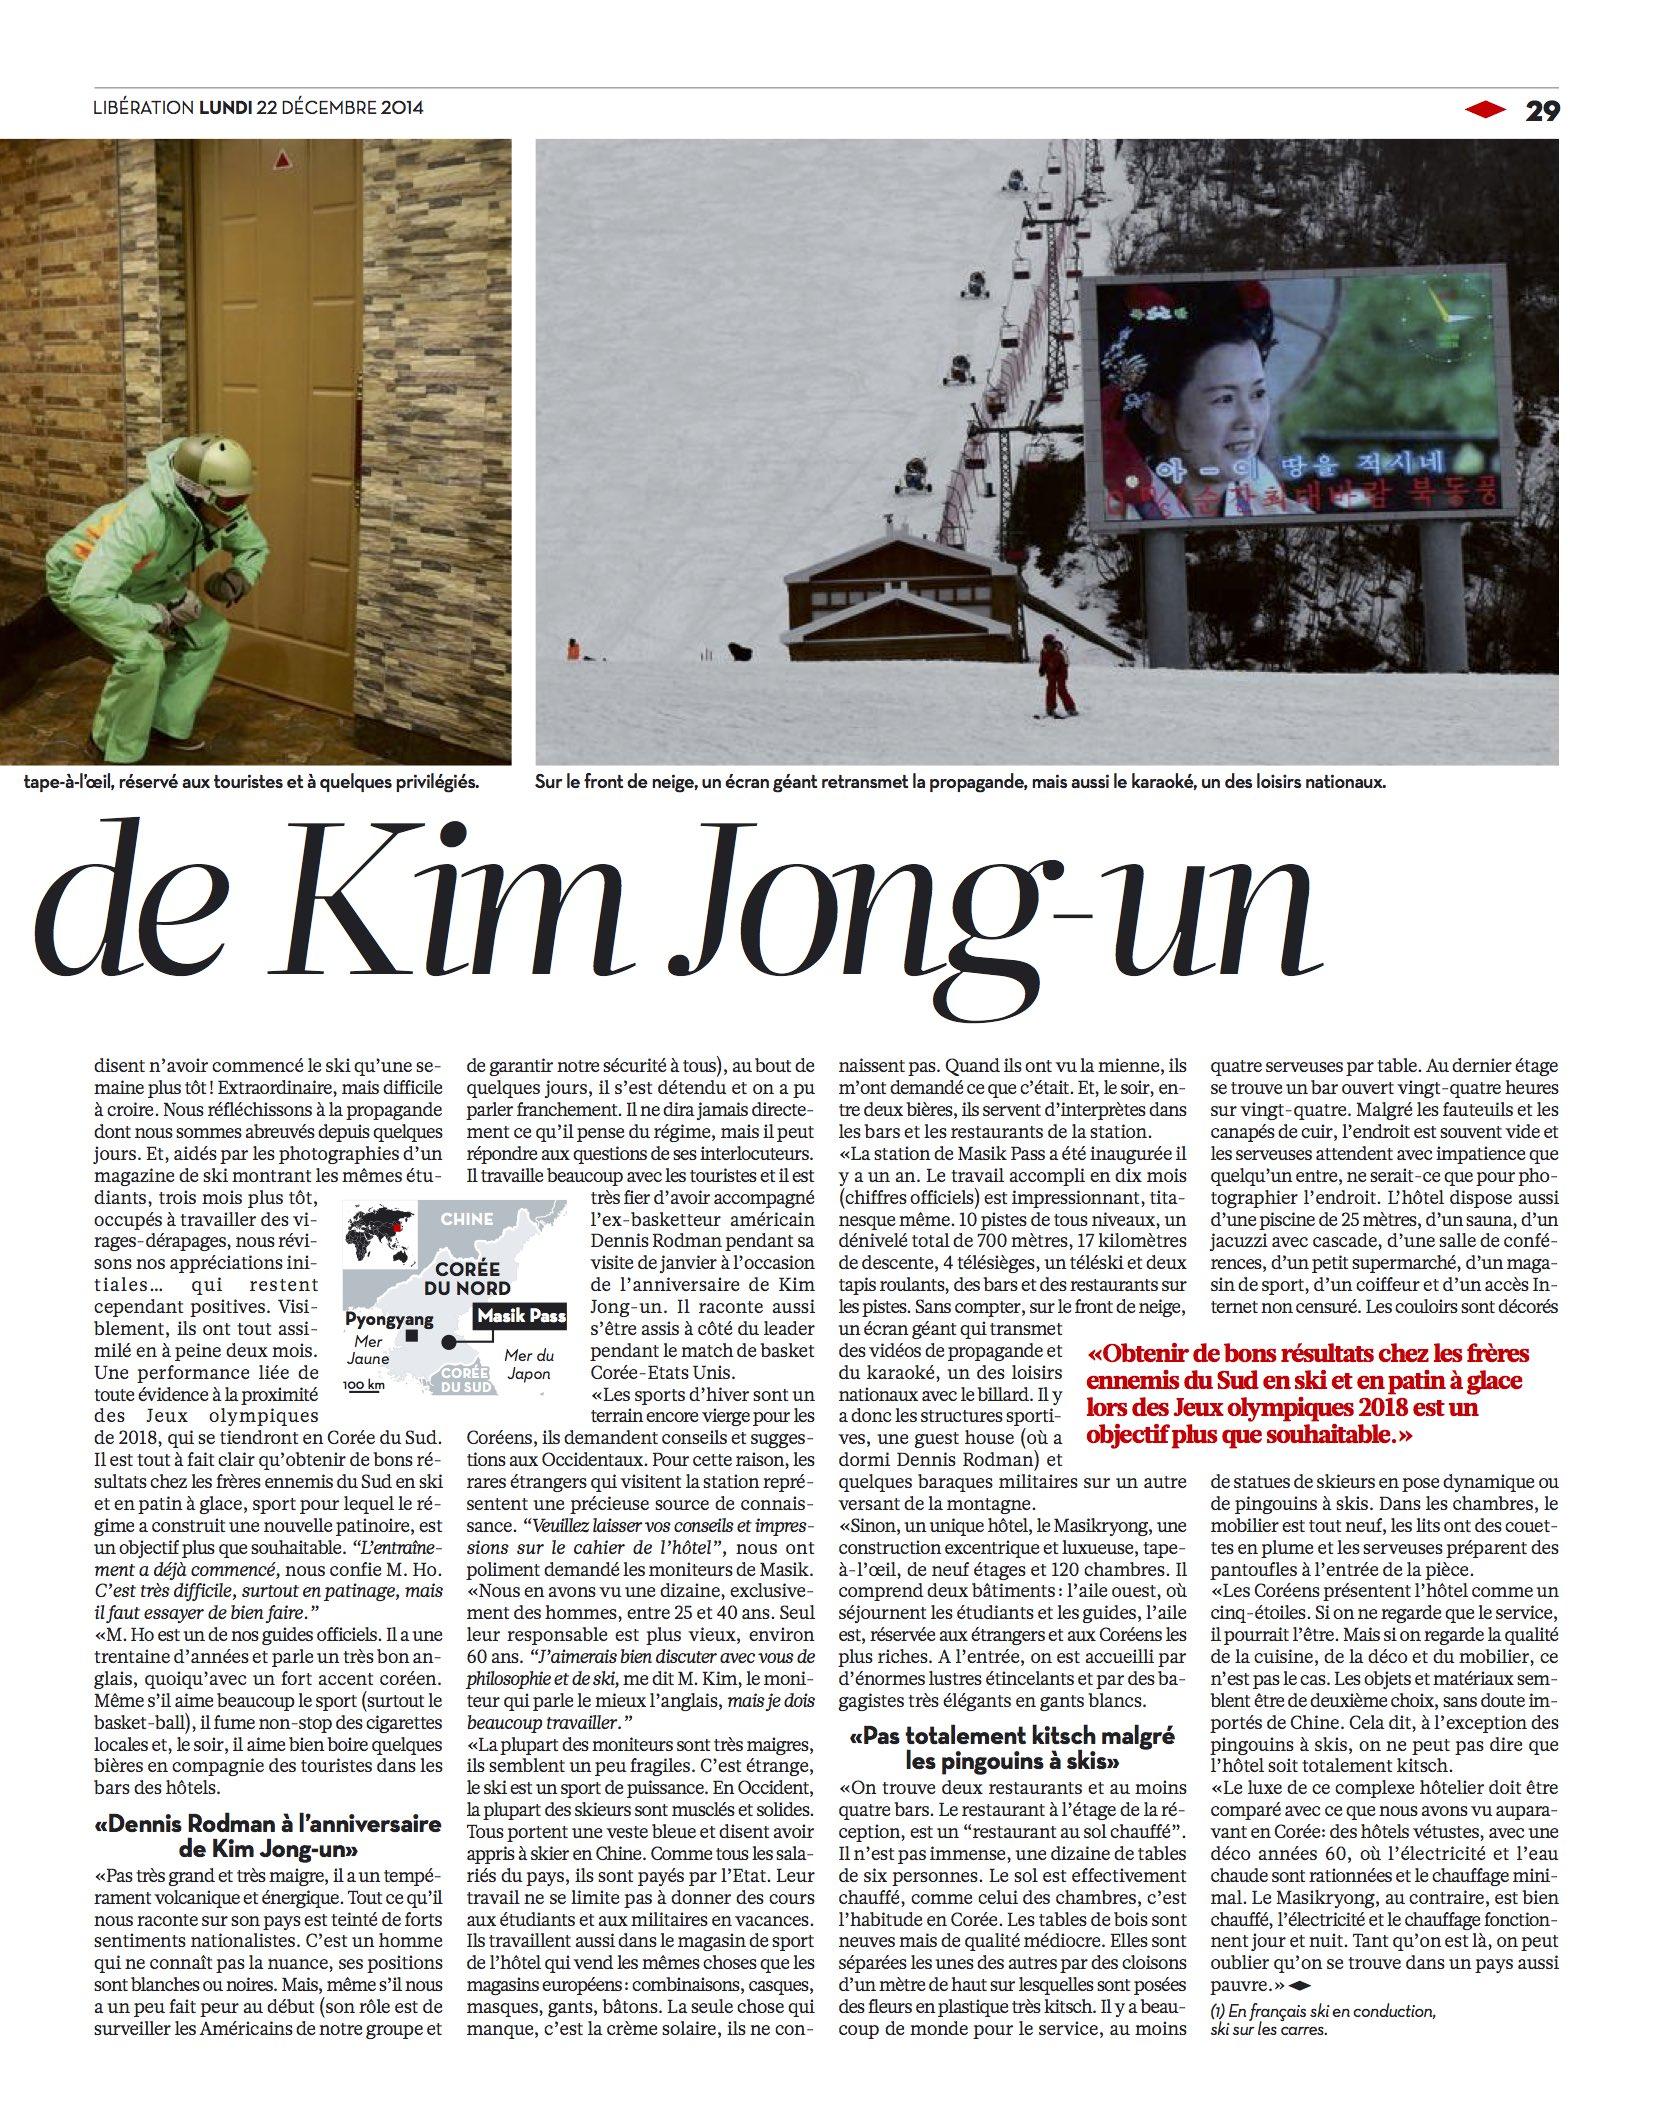 Libération (FRA). Ski in North Korea. 26-12-14